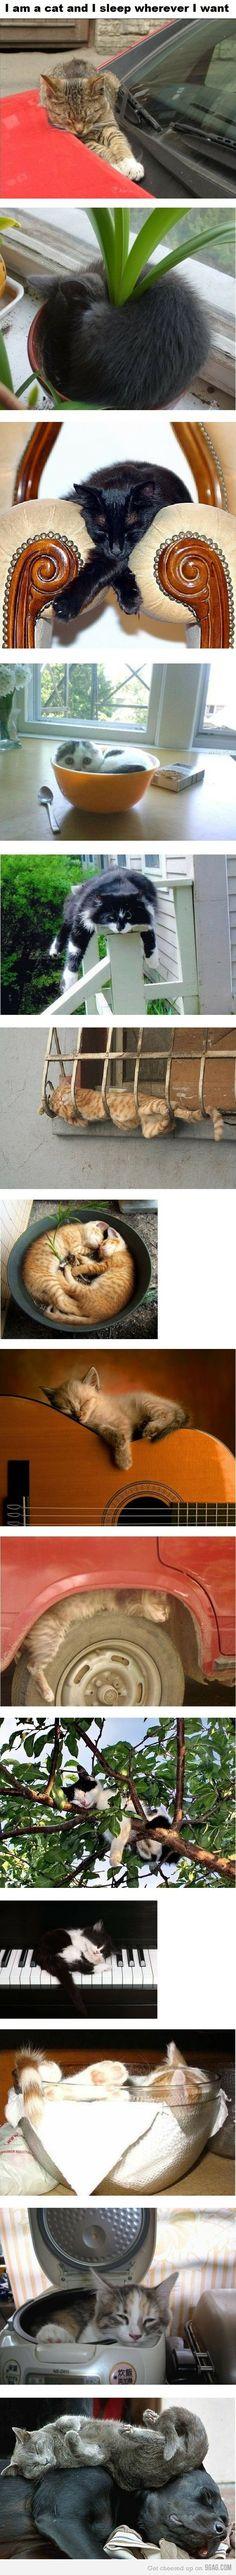 """""""I am a cat and I sleep wherever I want"""""""